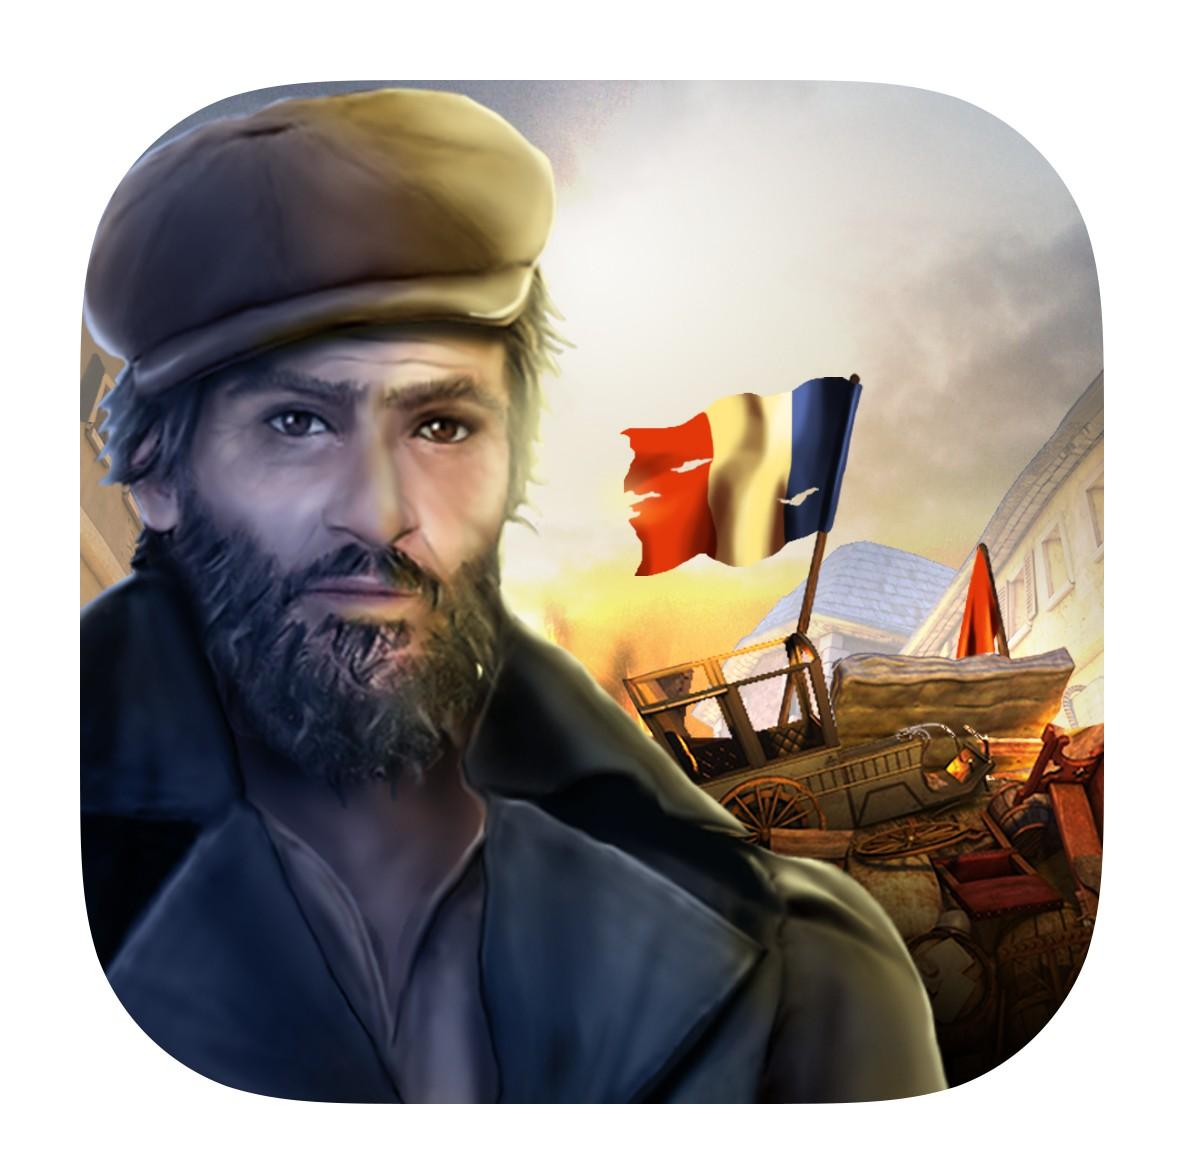 Les Misérables 2 - Jean Valjean - icon